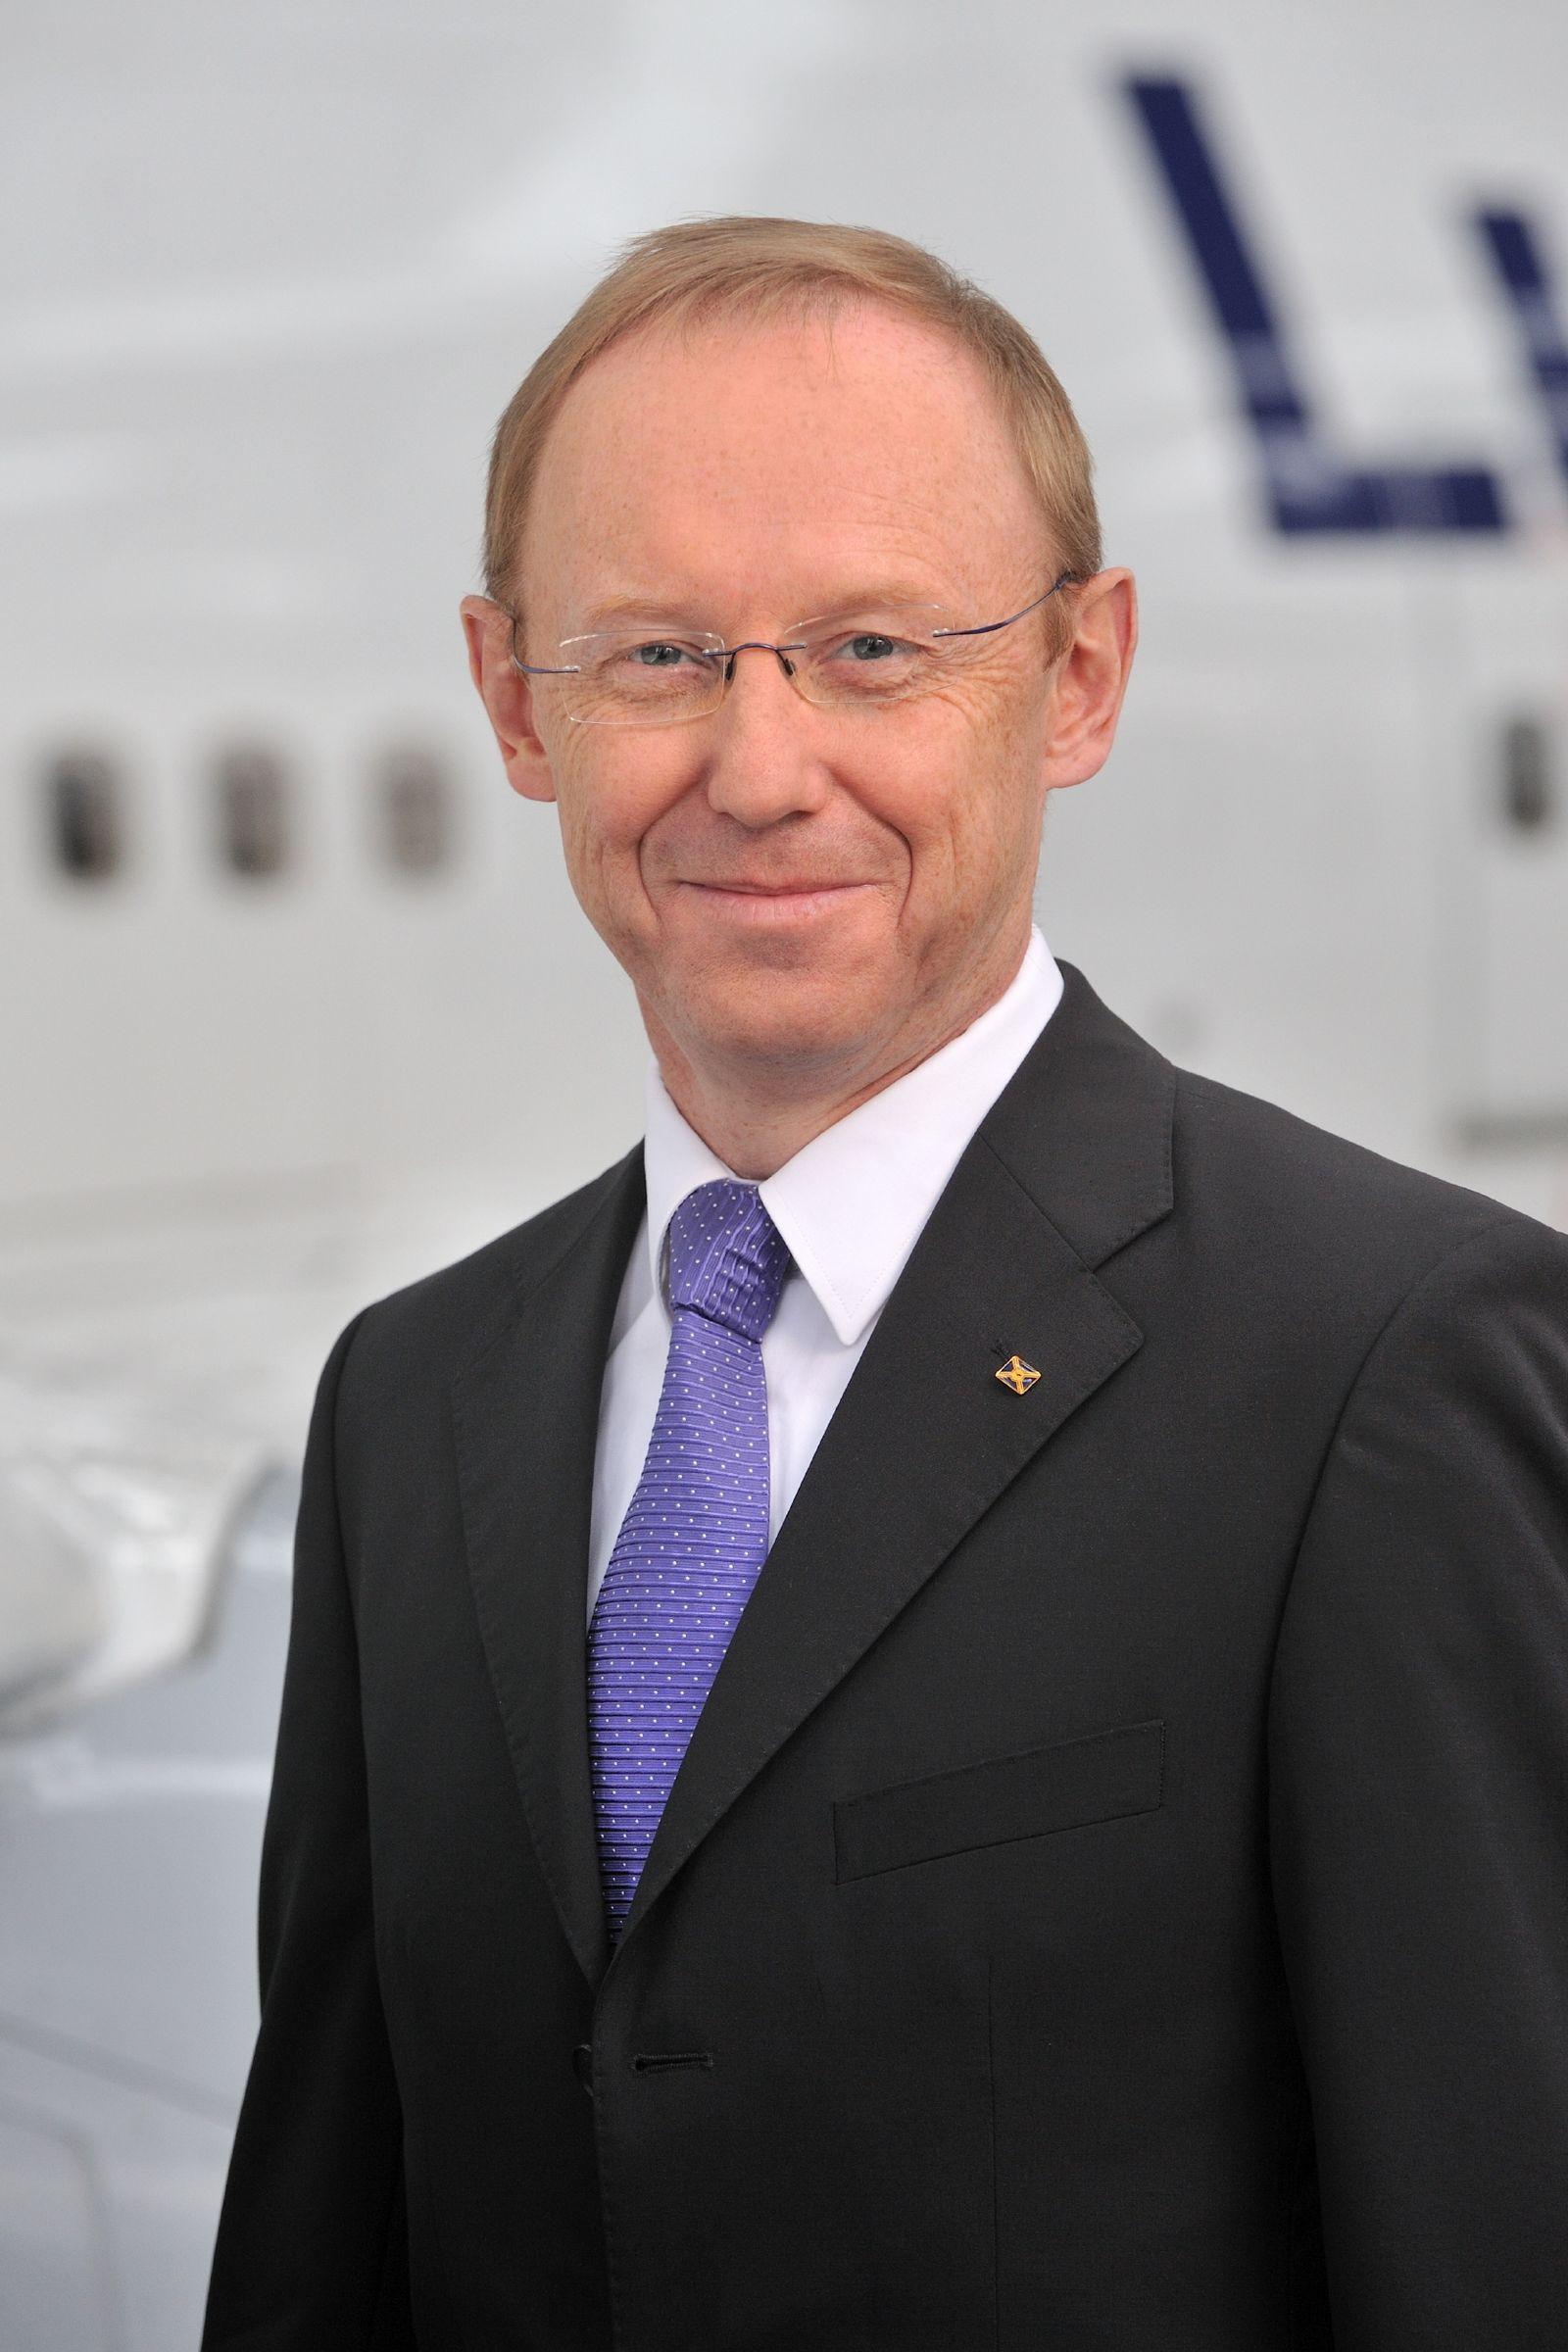 Karl-Ulrich Garnadt